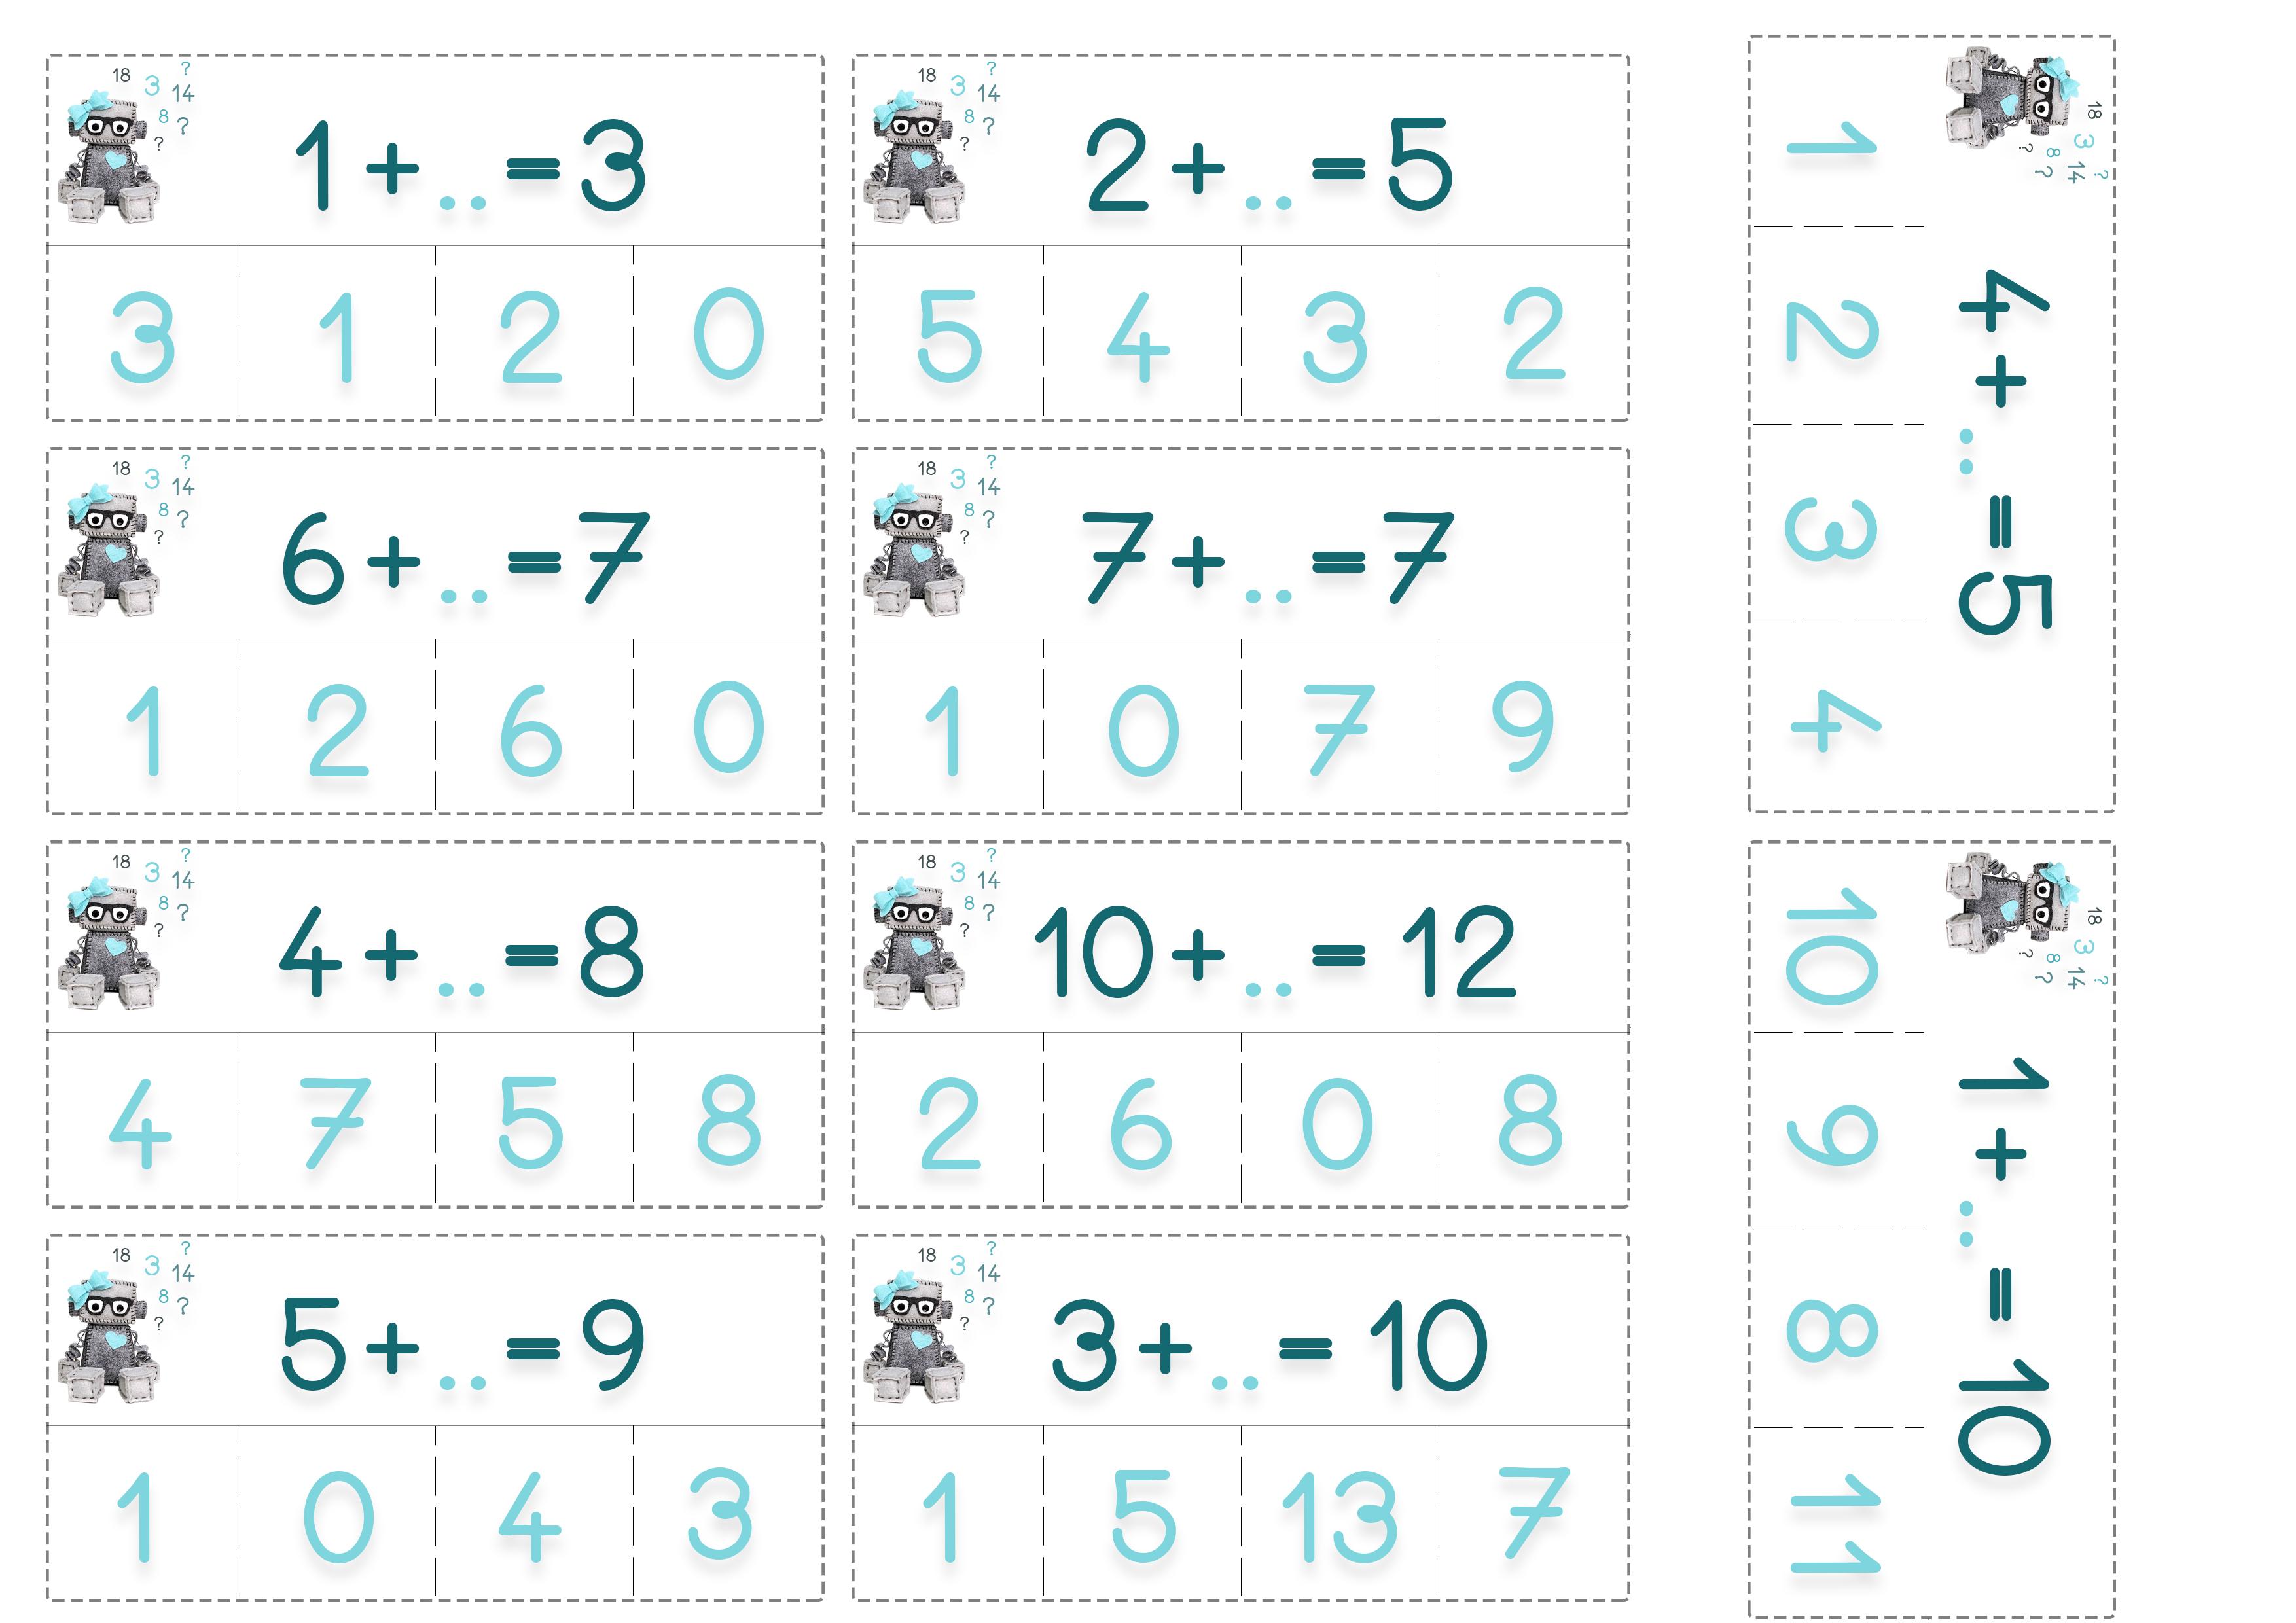 Cartes de calculs feuille 5 autonomes